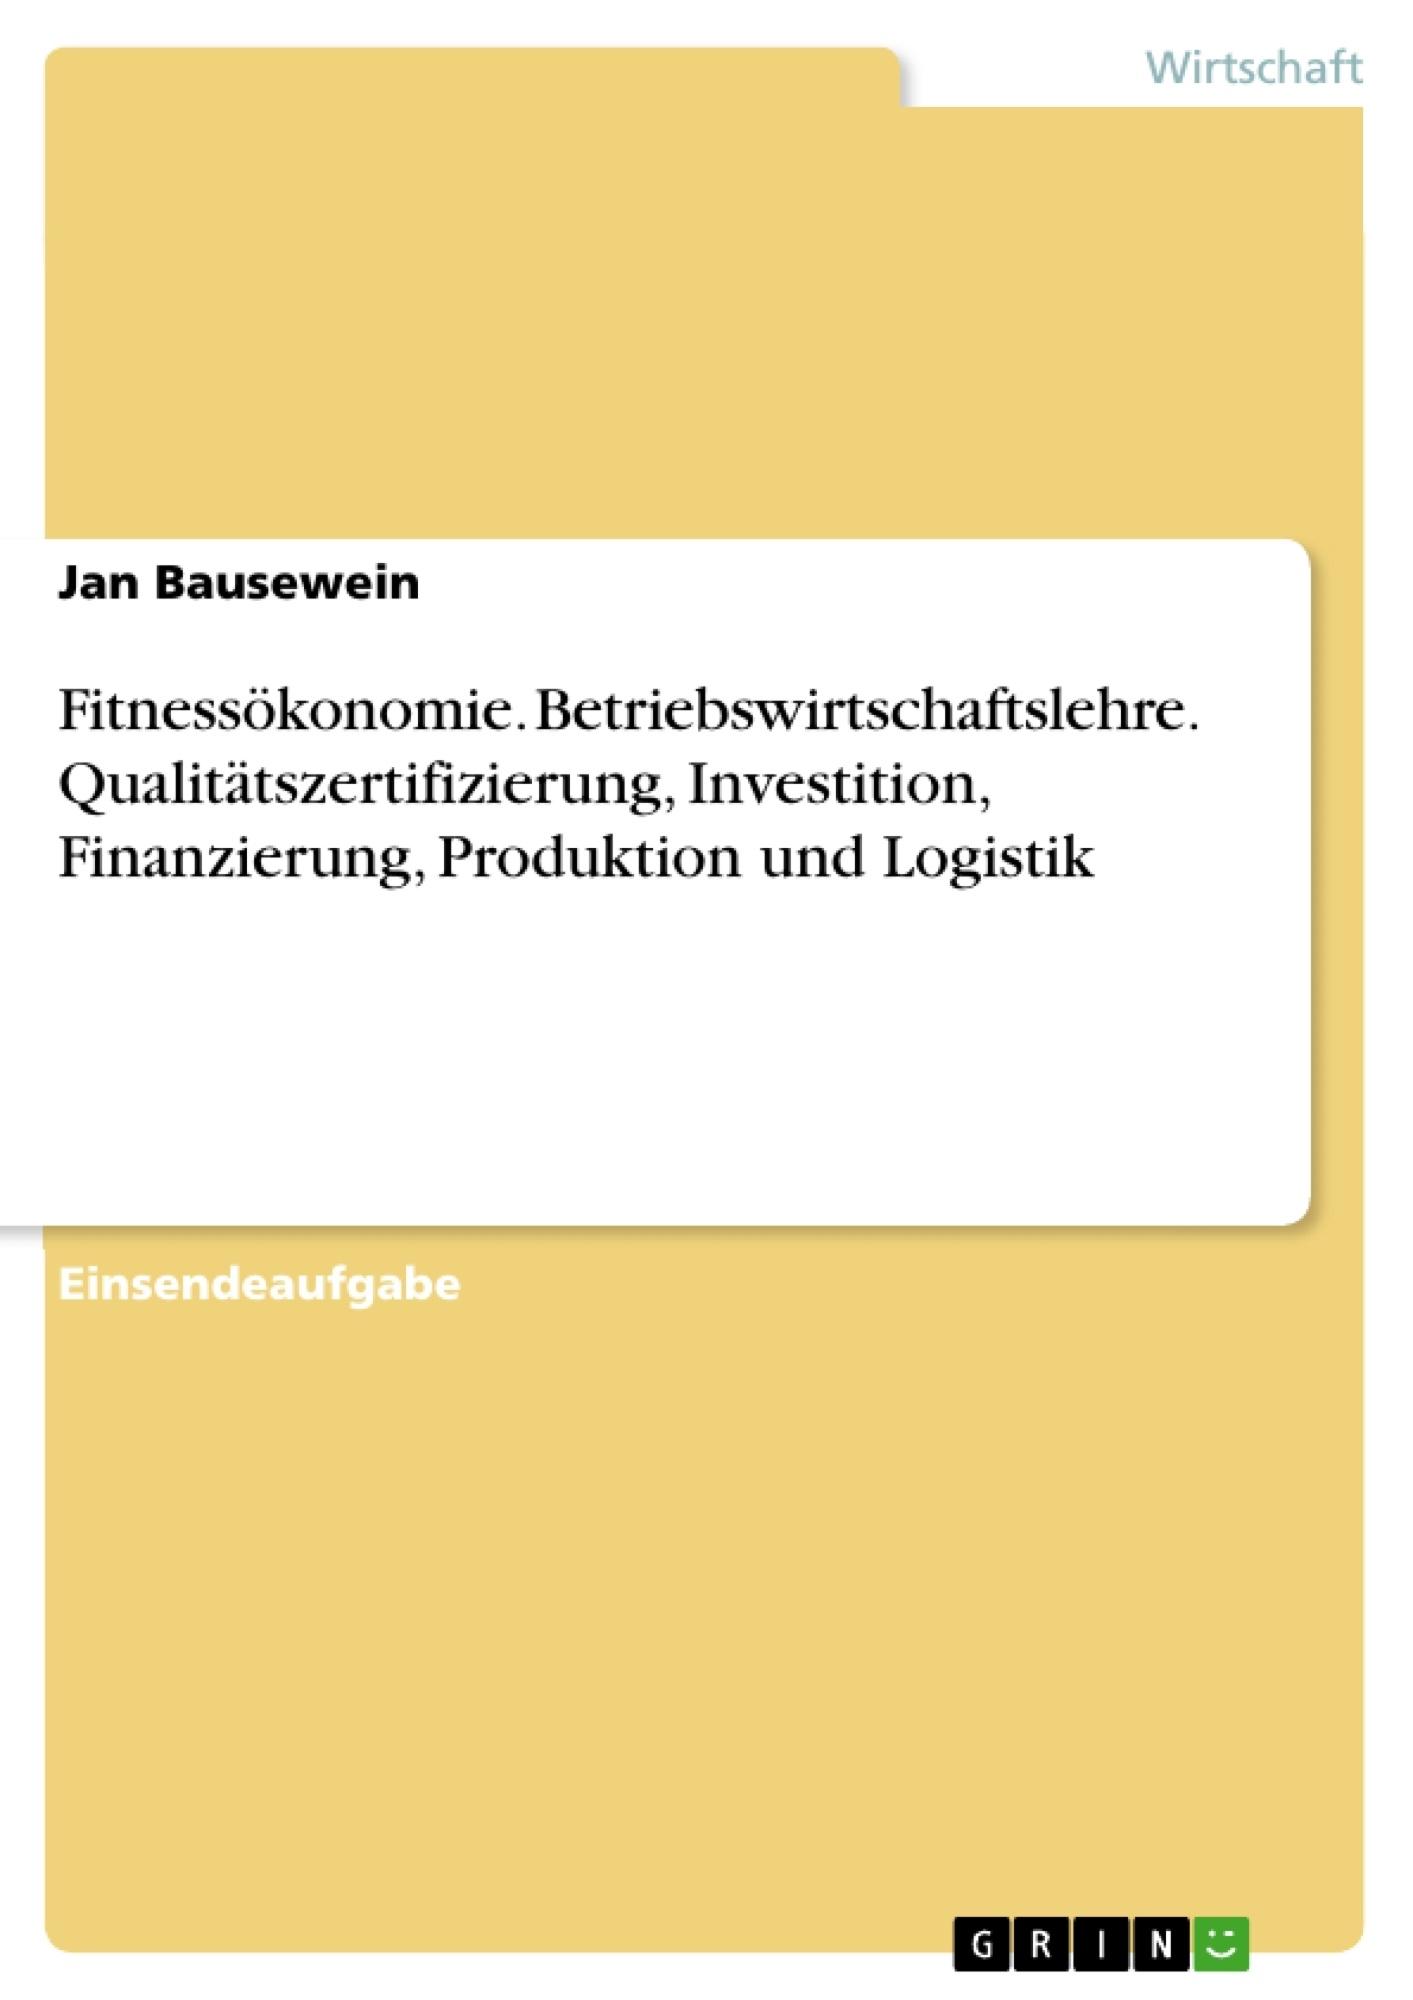 Titel: Fitnessökonomie. Betriebswirtschaftslehre. Qualitätszertifizierung, Investition, Finanzierung, Produktion und Logistik